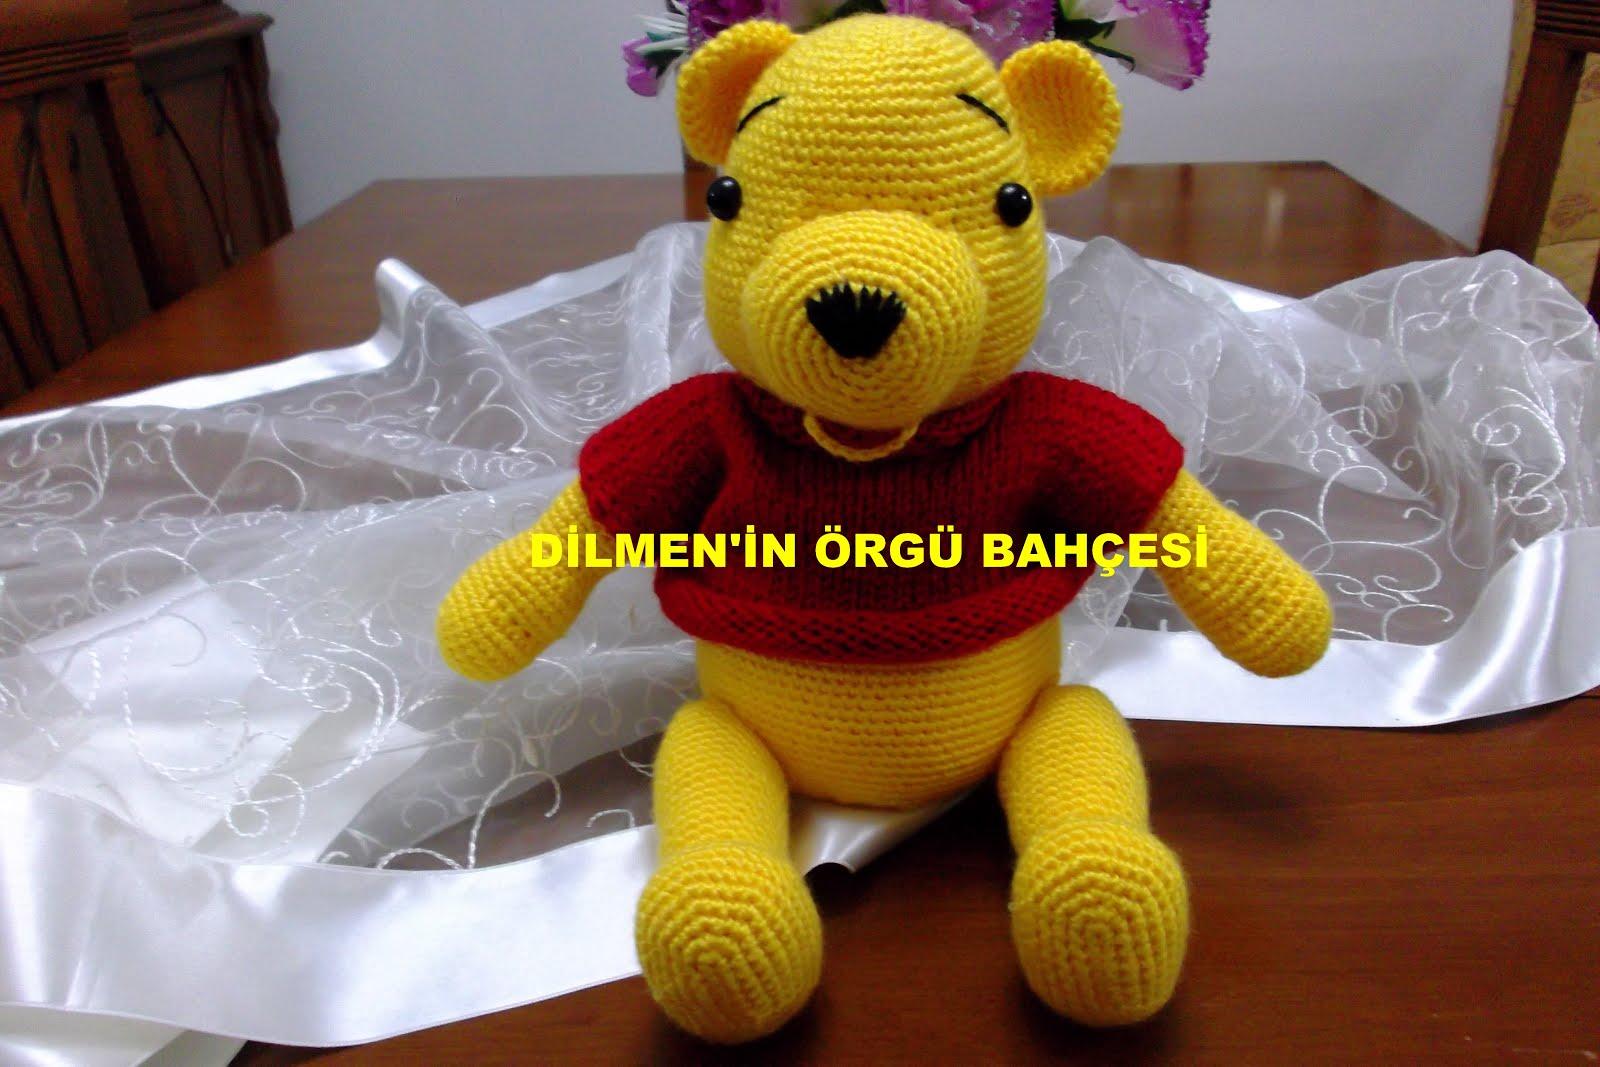 Amigurumi Winnie The Pooh Yapılışı - Amigurumi Winnie The Pooh ... | 1067x1600